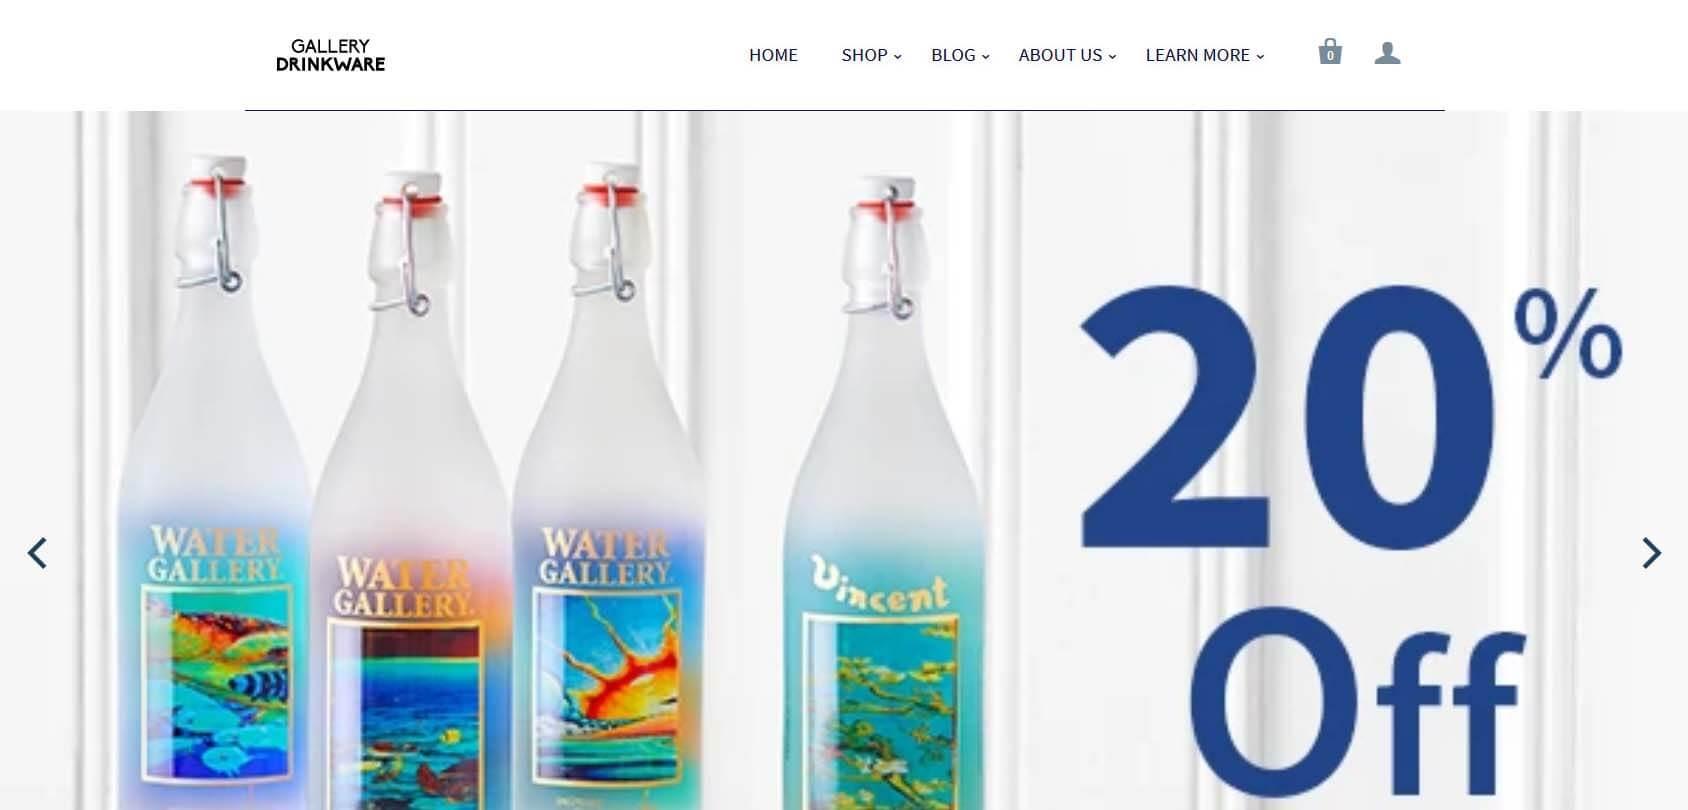 Gallery Drinkware homepage